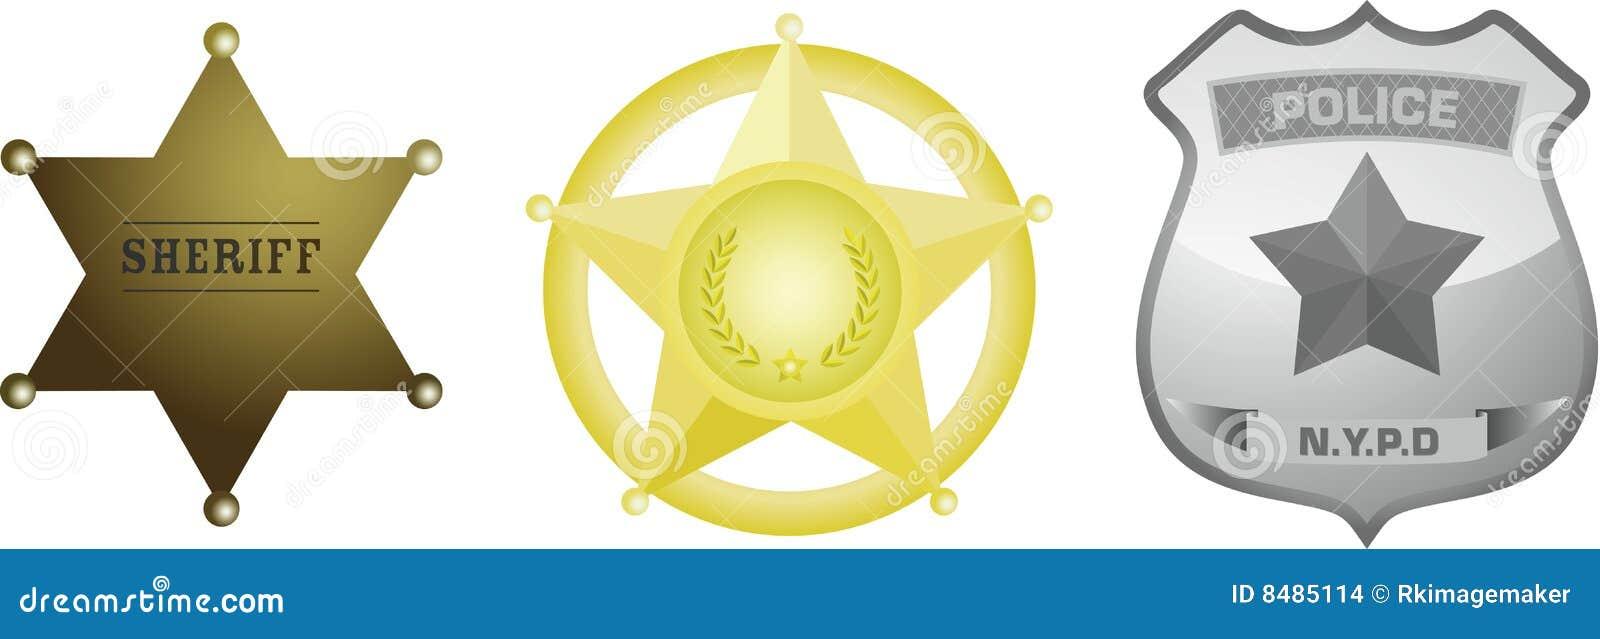 Emblema do xerife da polícia